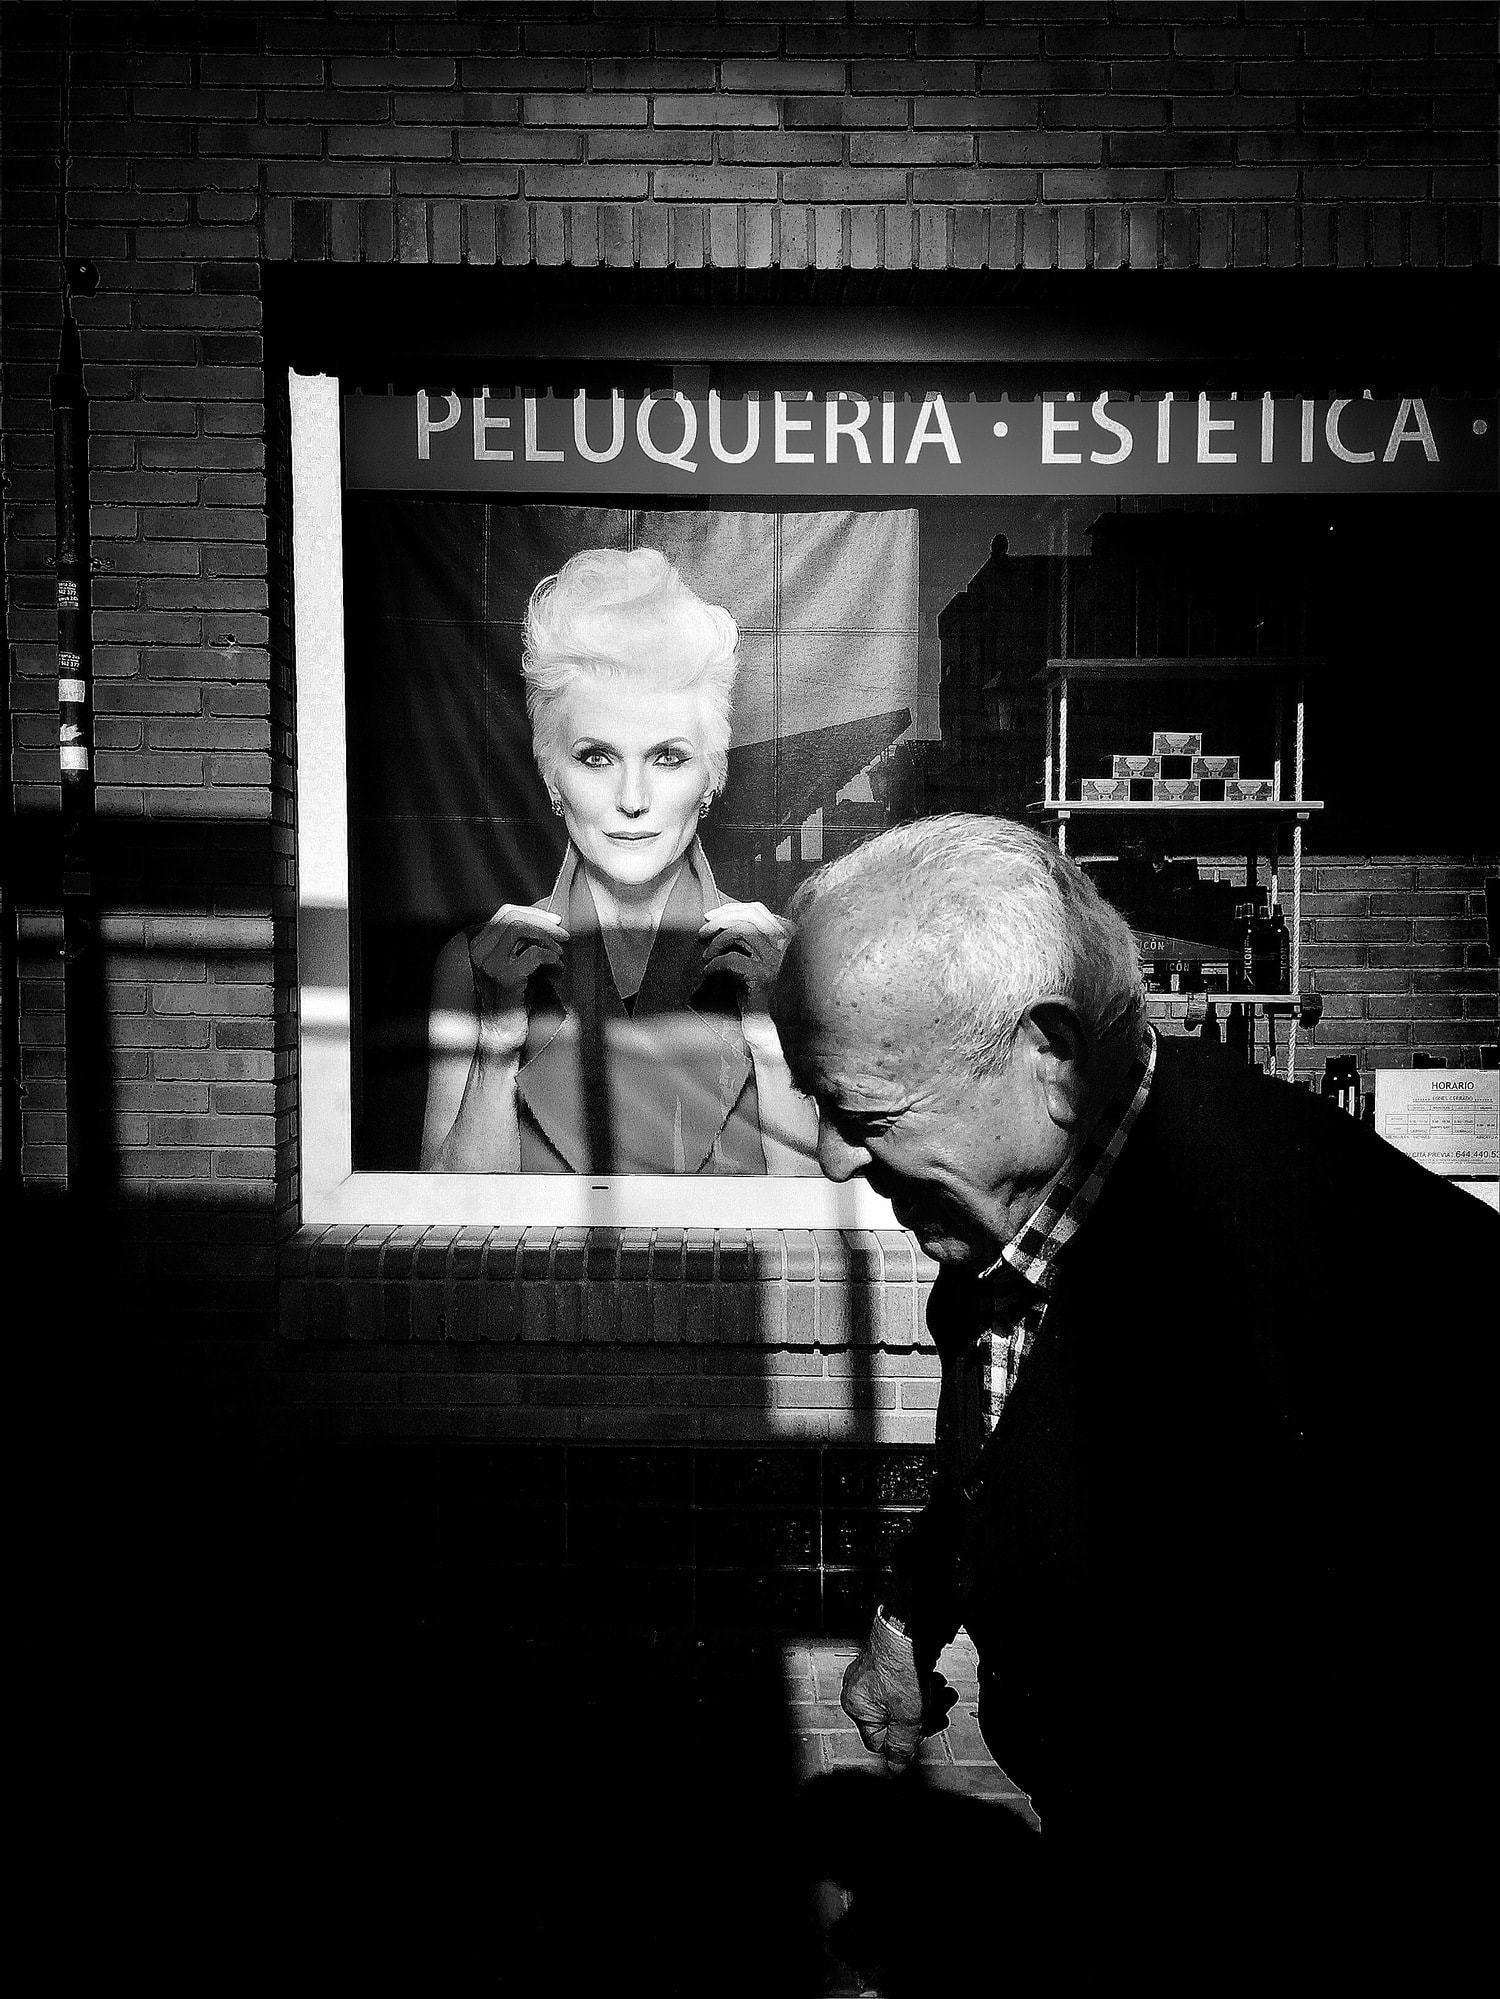 Fotografía callejera de un hombre mayor